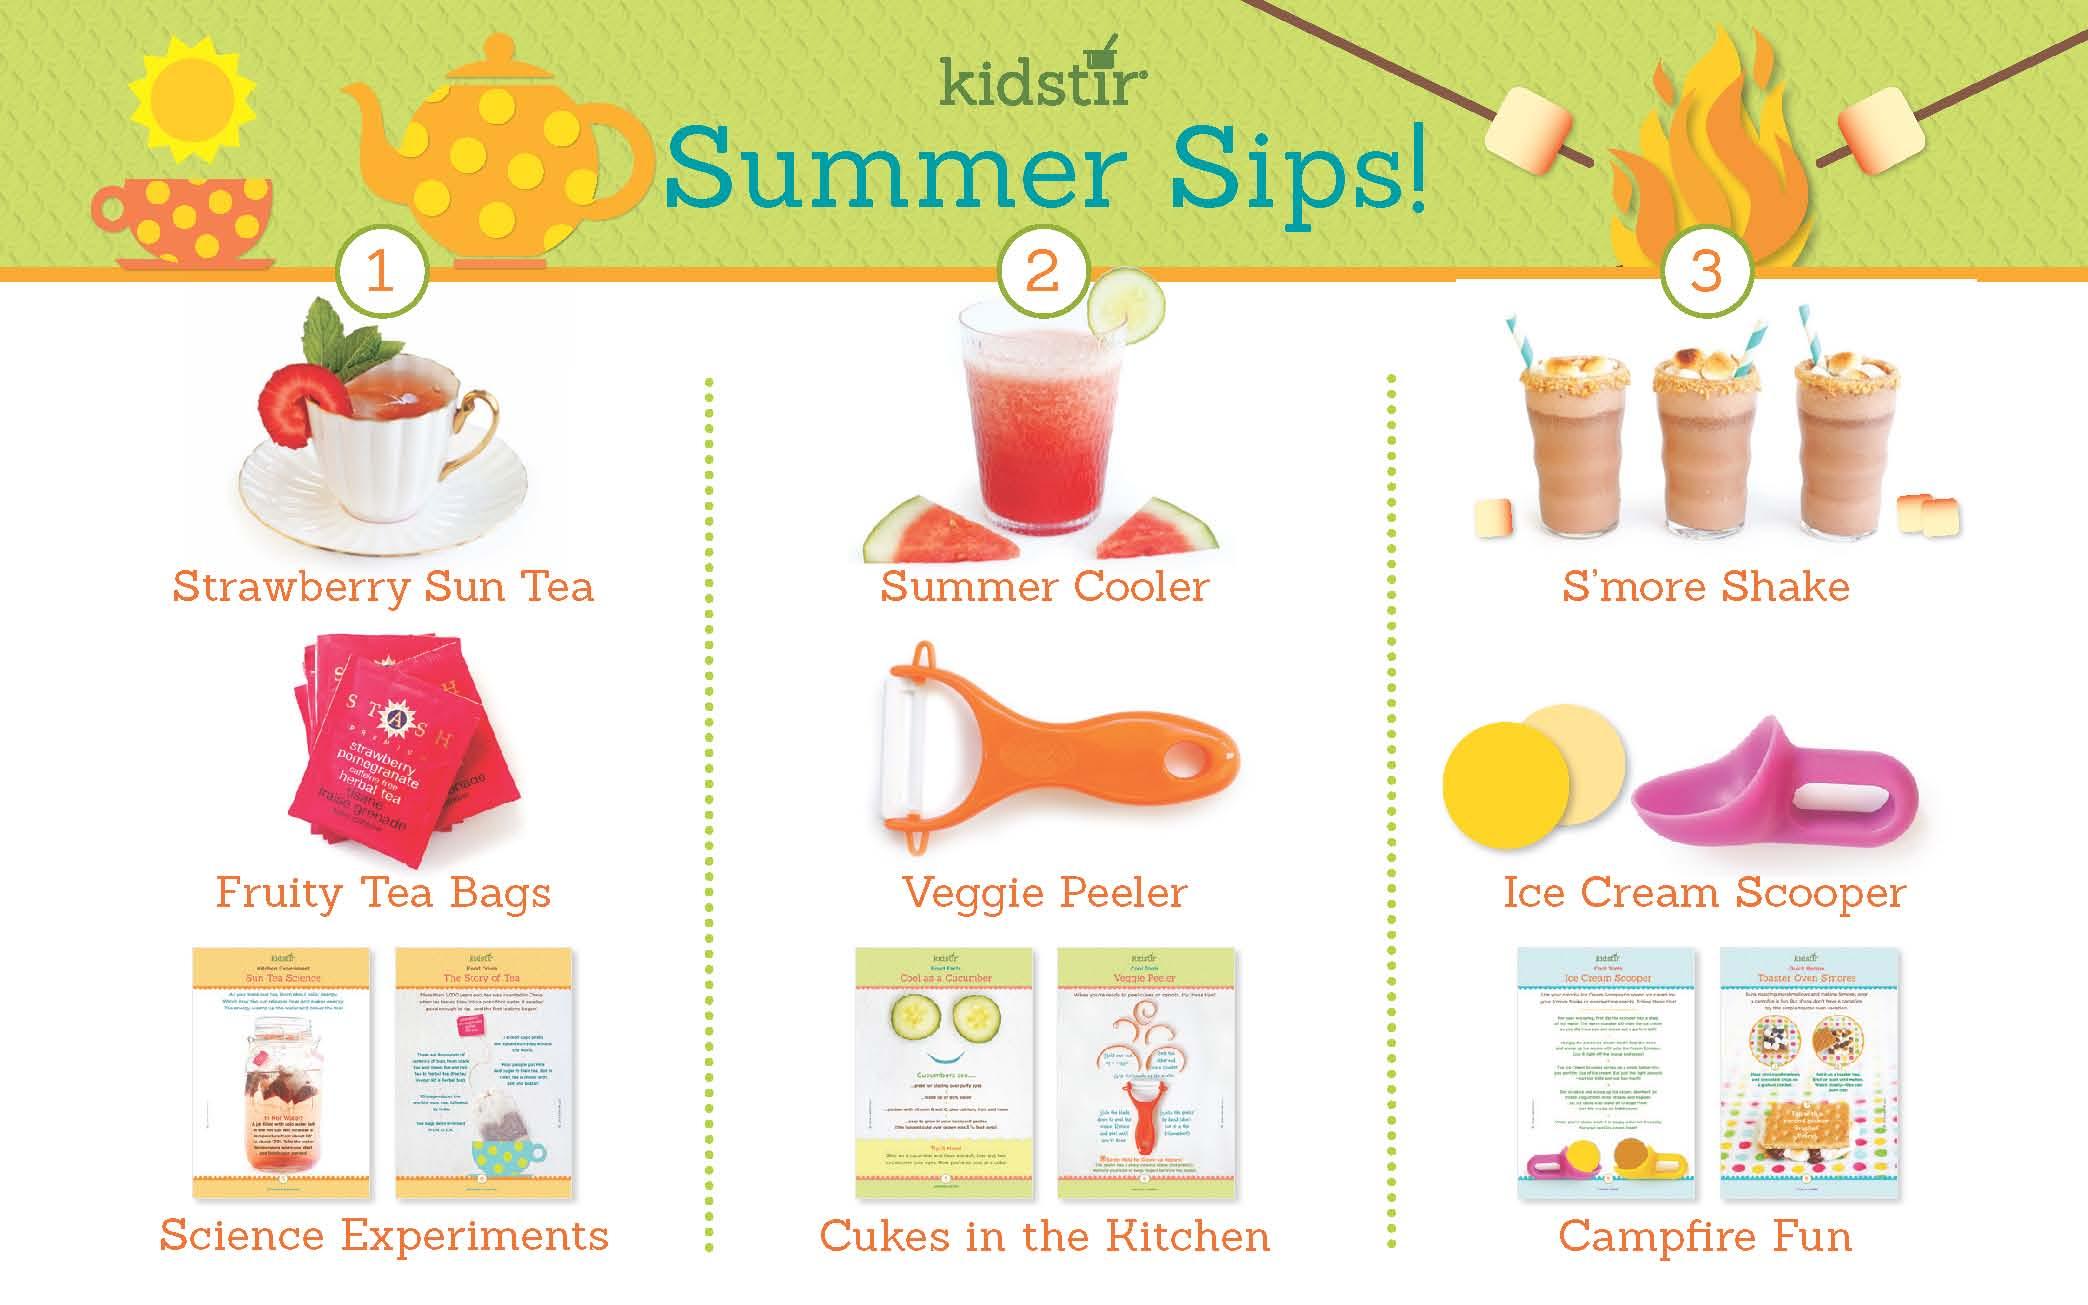 Summer Sips Kit Kidstir